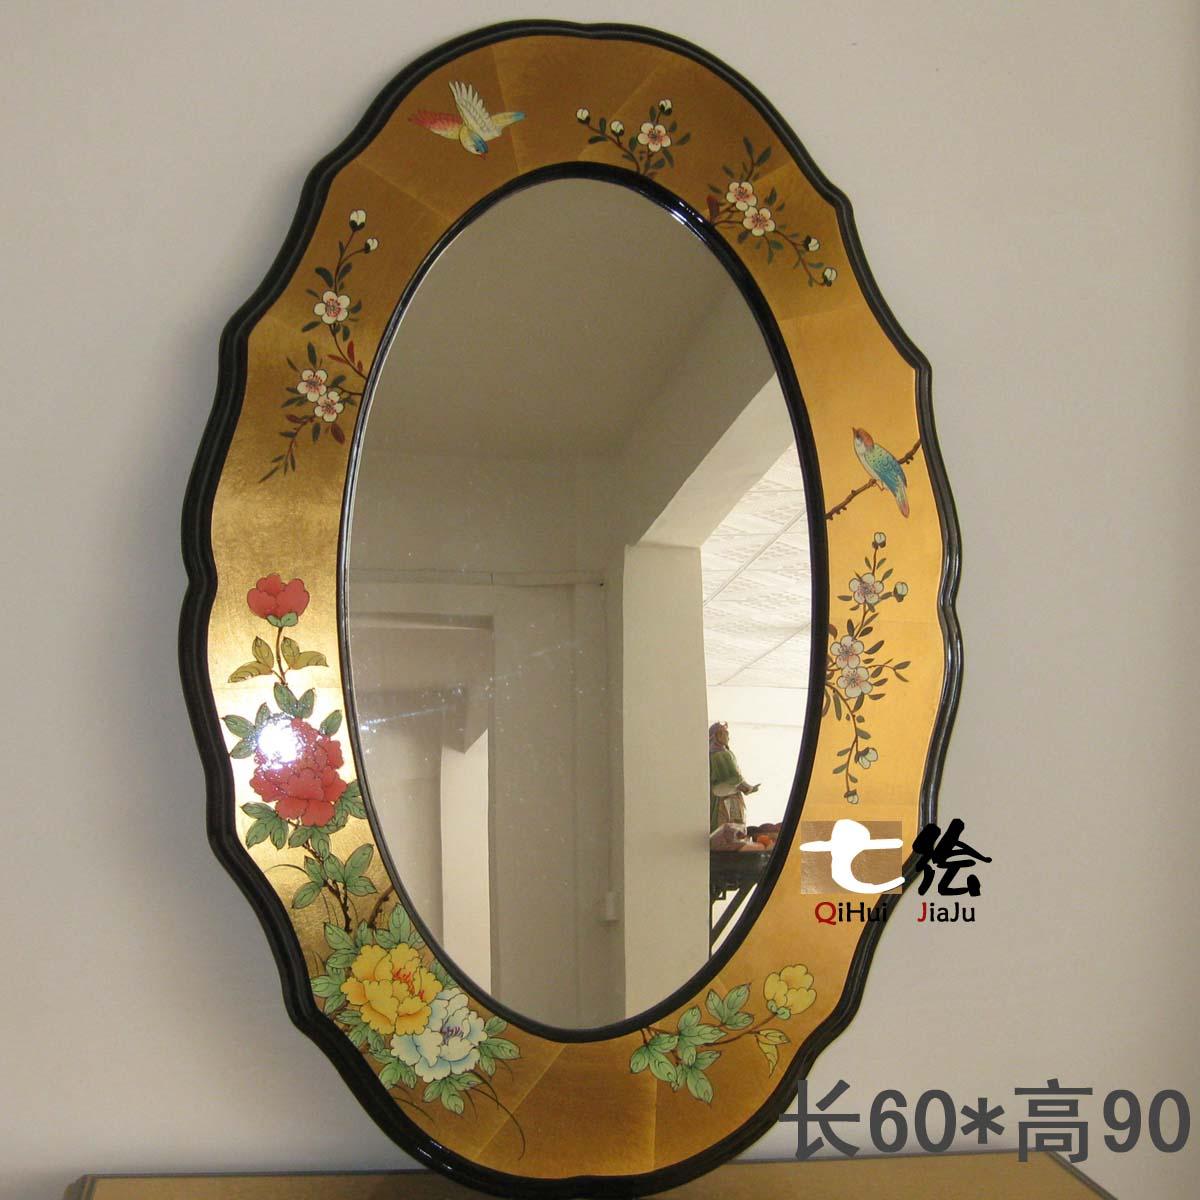 现代中式复古壁挂卧室装饰镜背景墙梳妆镜化妆镜浴室镜子梳妆台镜